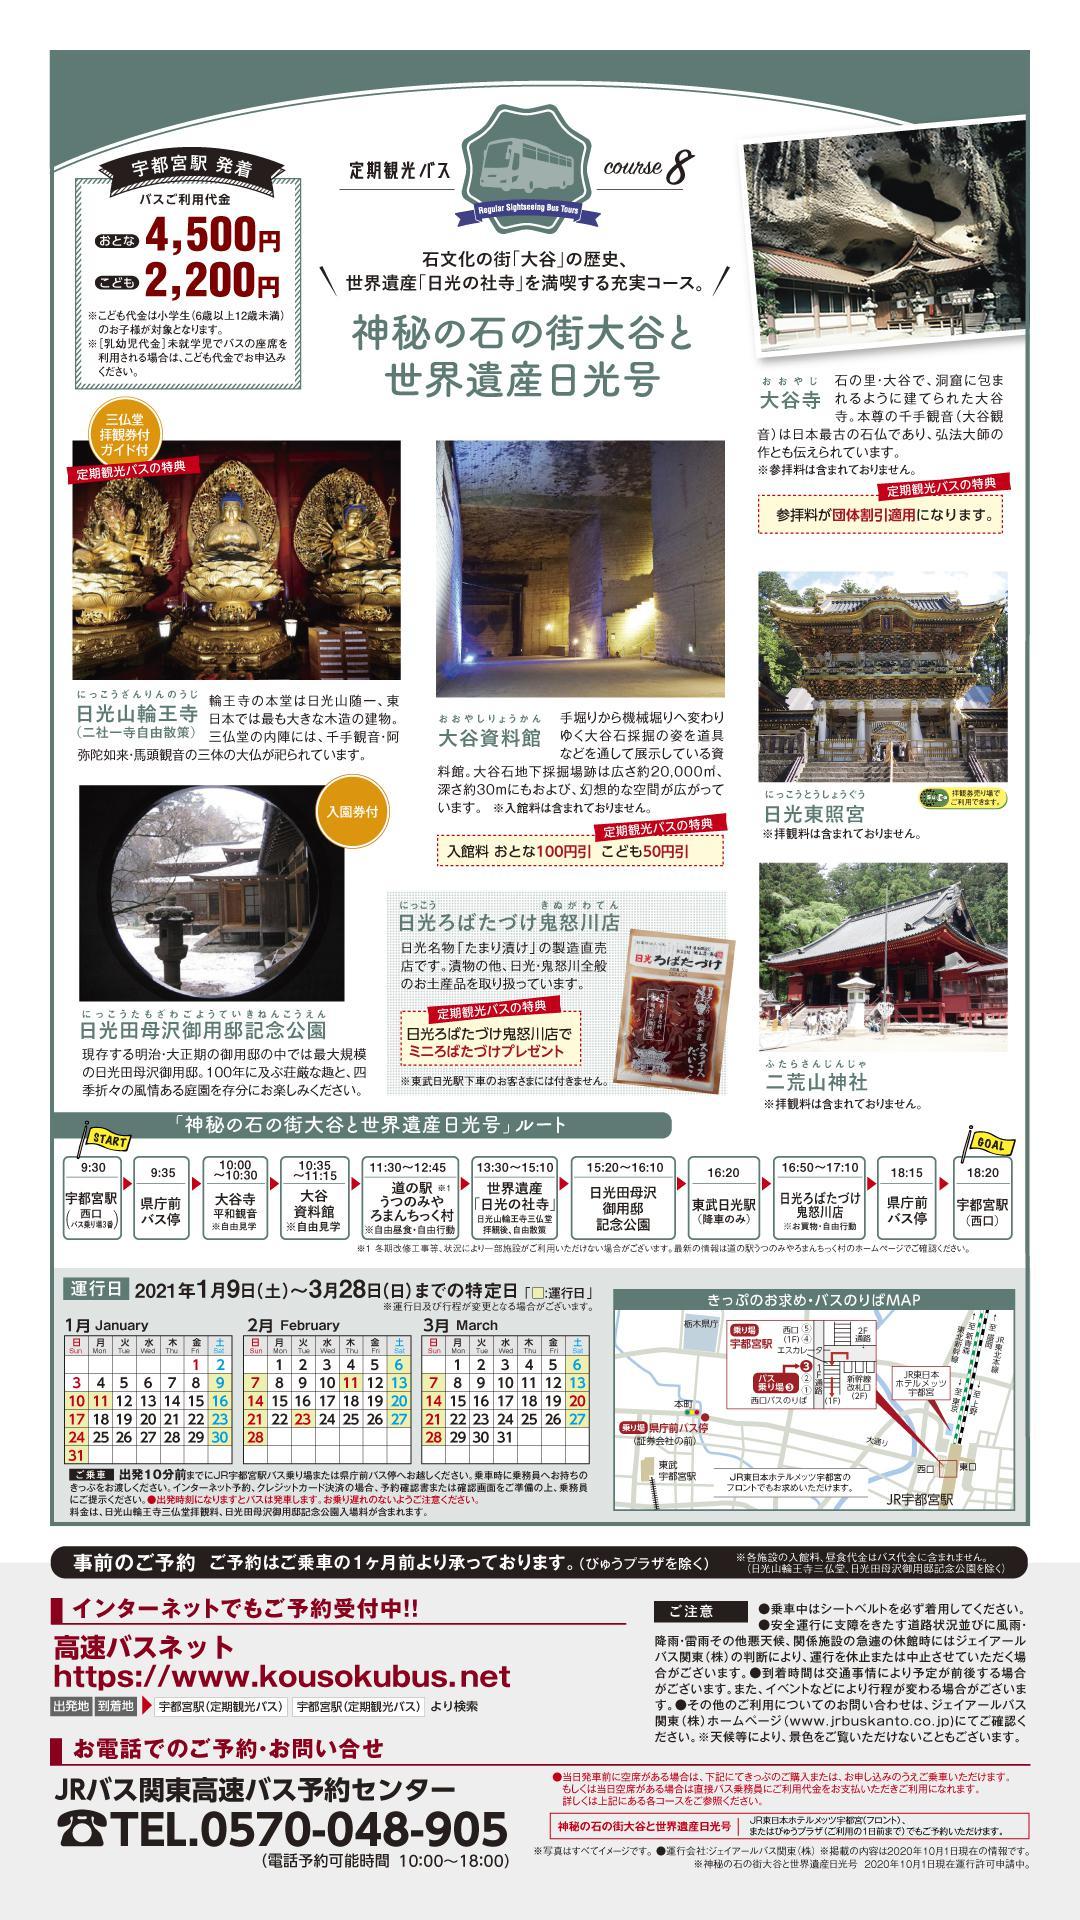 nikko_teikikanko2021.jpg